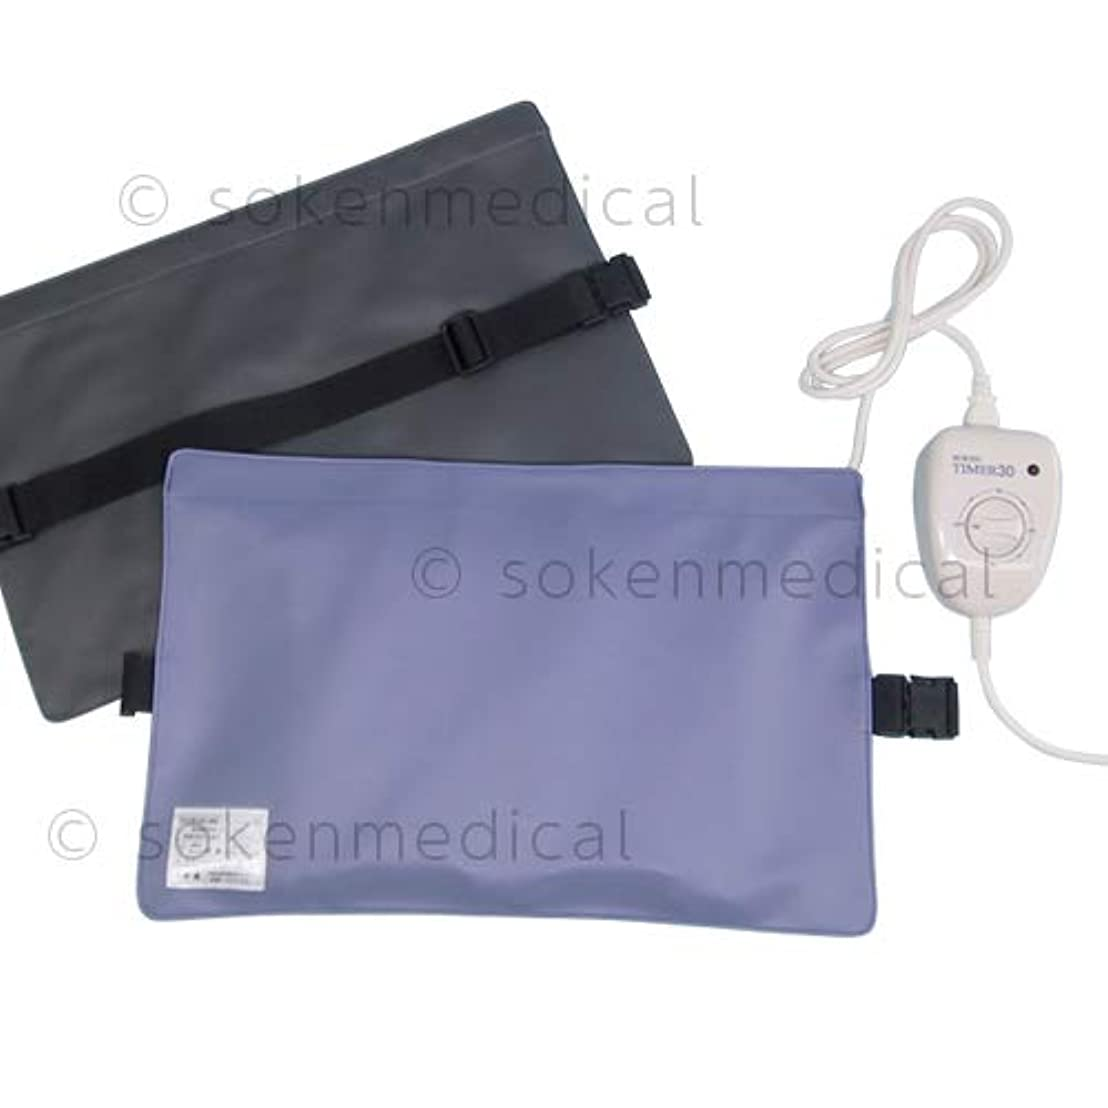 完璧掘る提案する電気磁気治療器「ソーケンリラックス」50Hz 血流を良くしてコリをほぐす効果抜群!